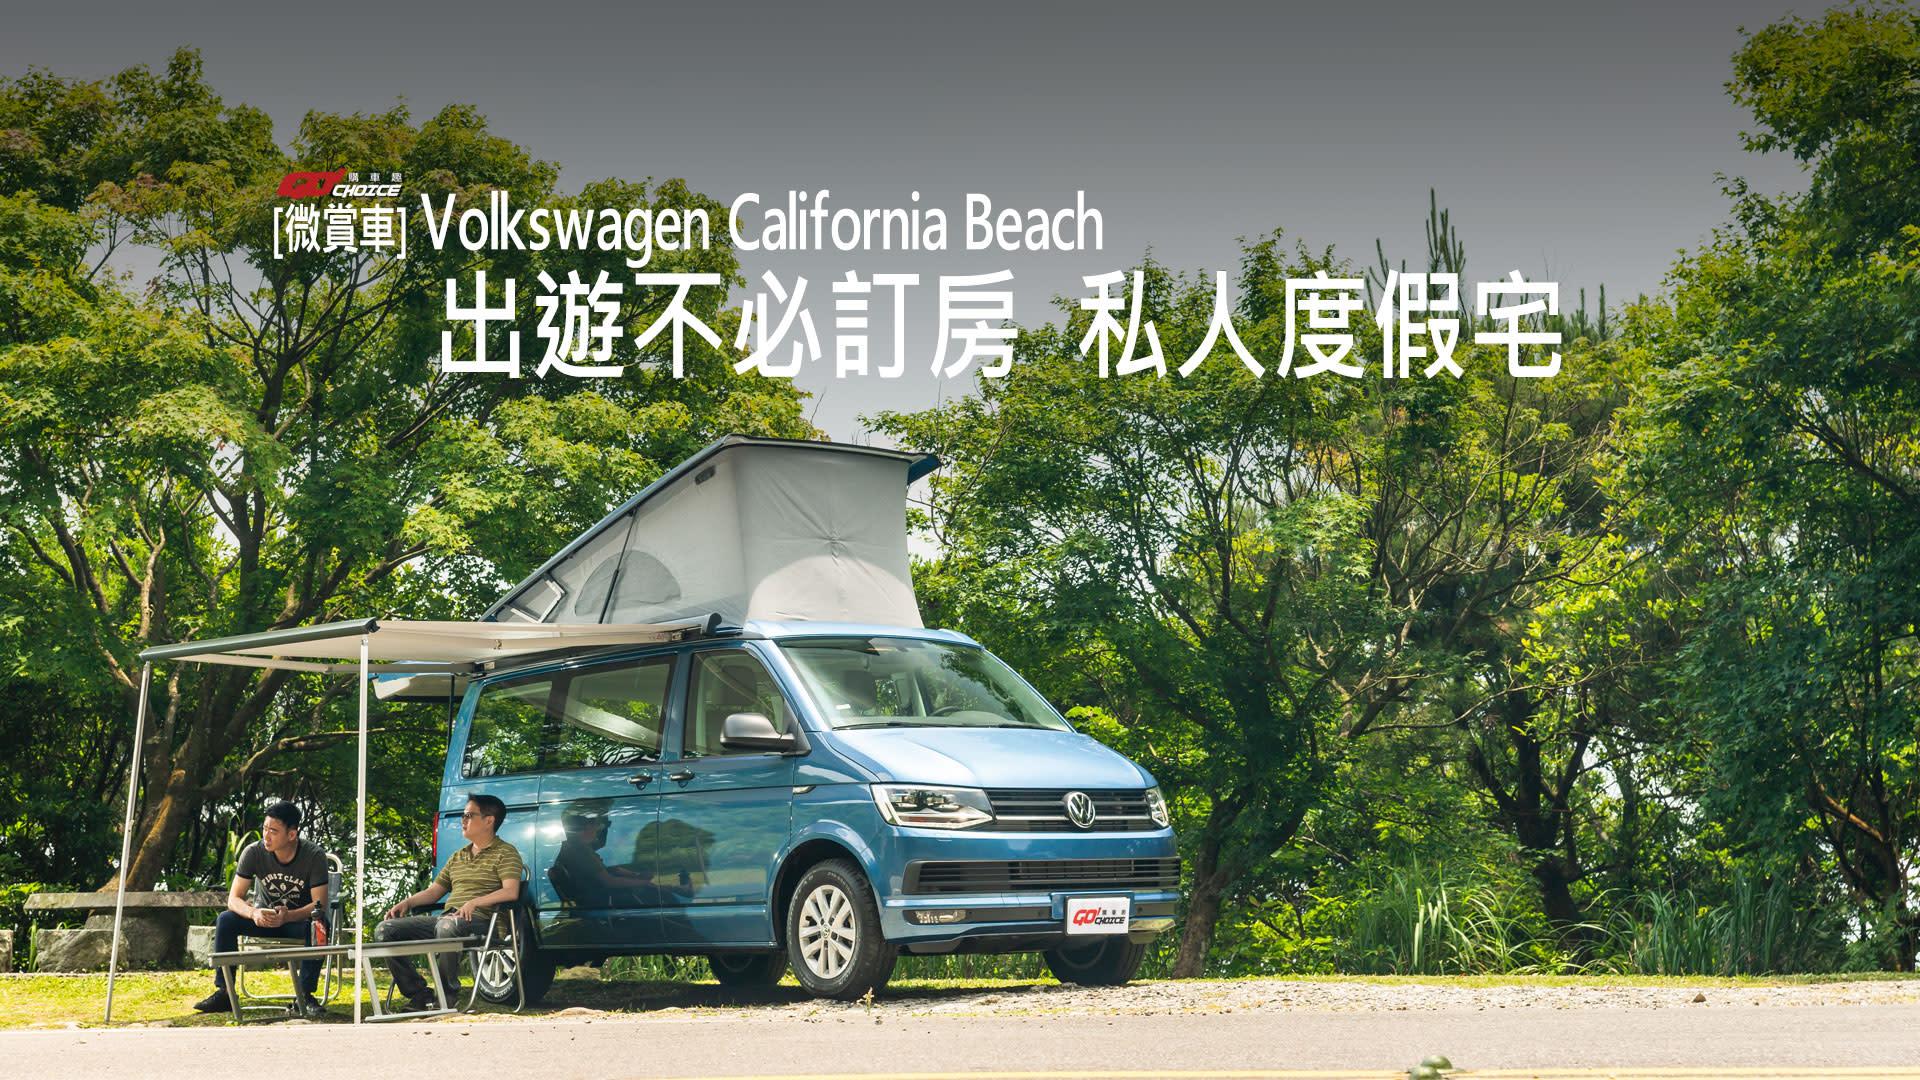 [微賞車]Volkswagen California Beach 出遊不必訂房 私人度假宅